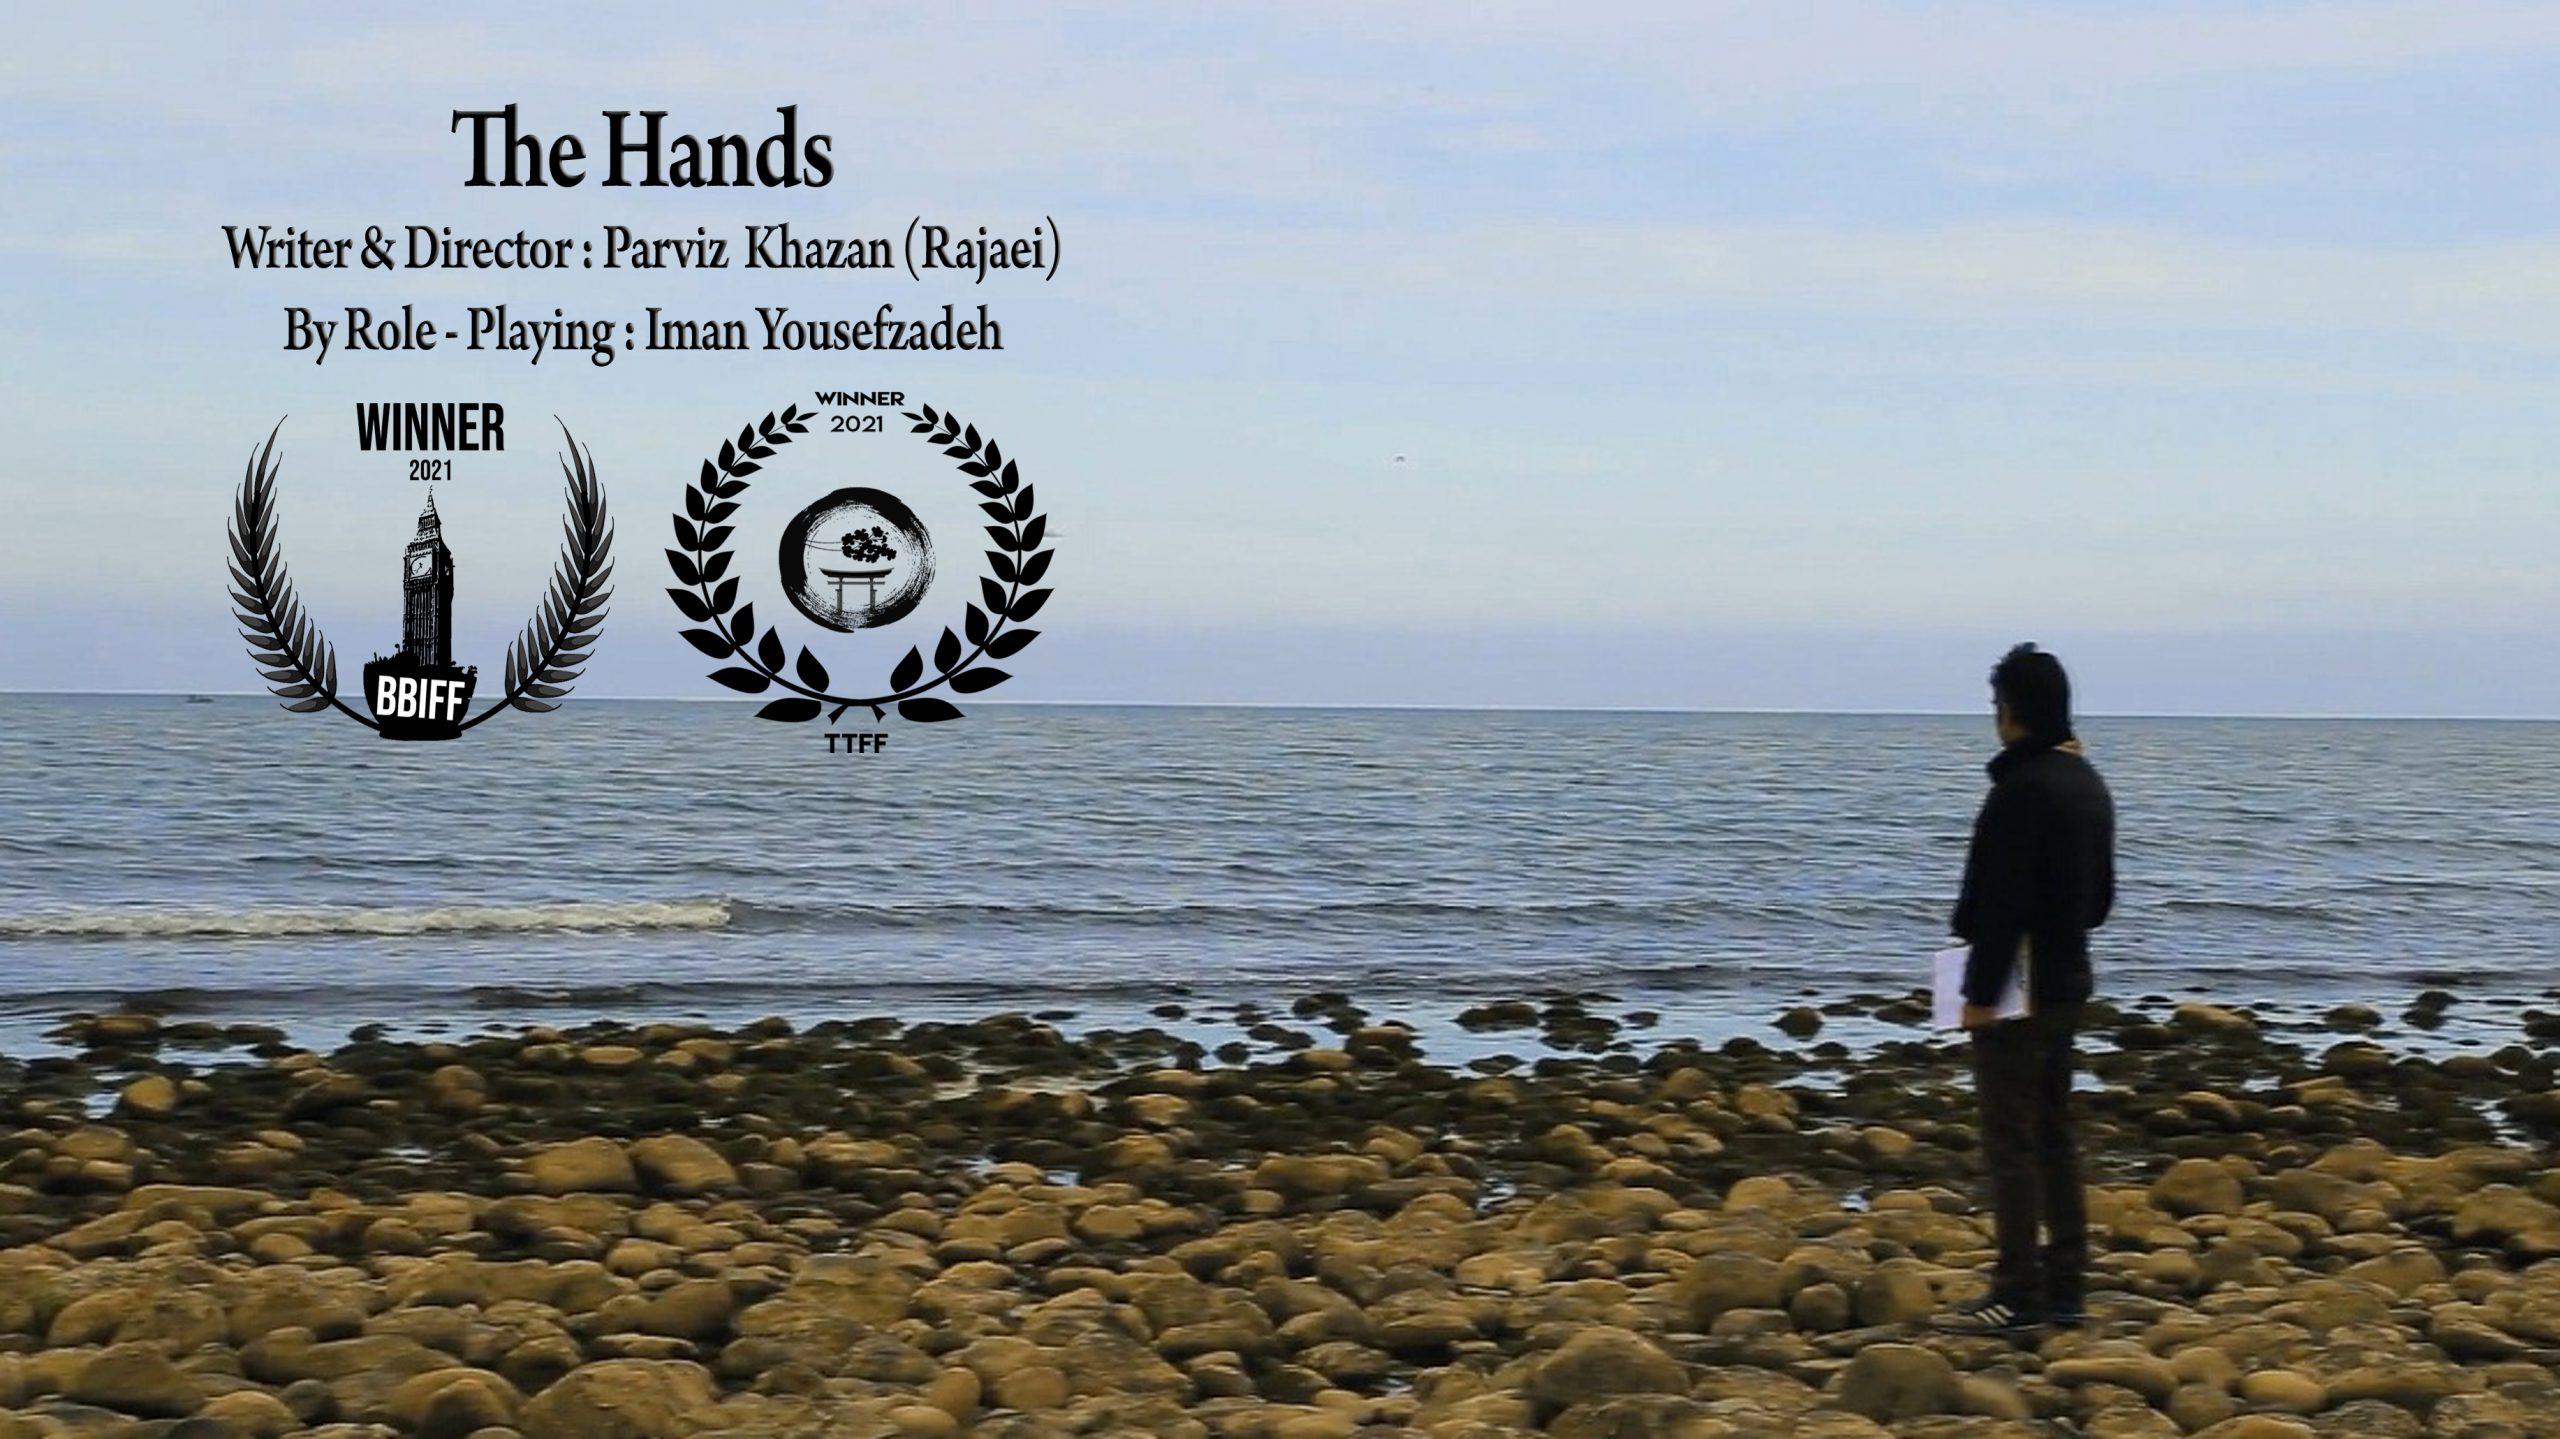 جوایز دو جشنواره برای «دستها»